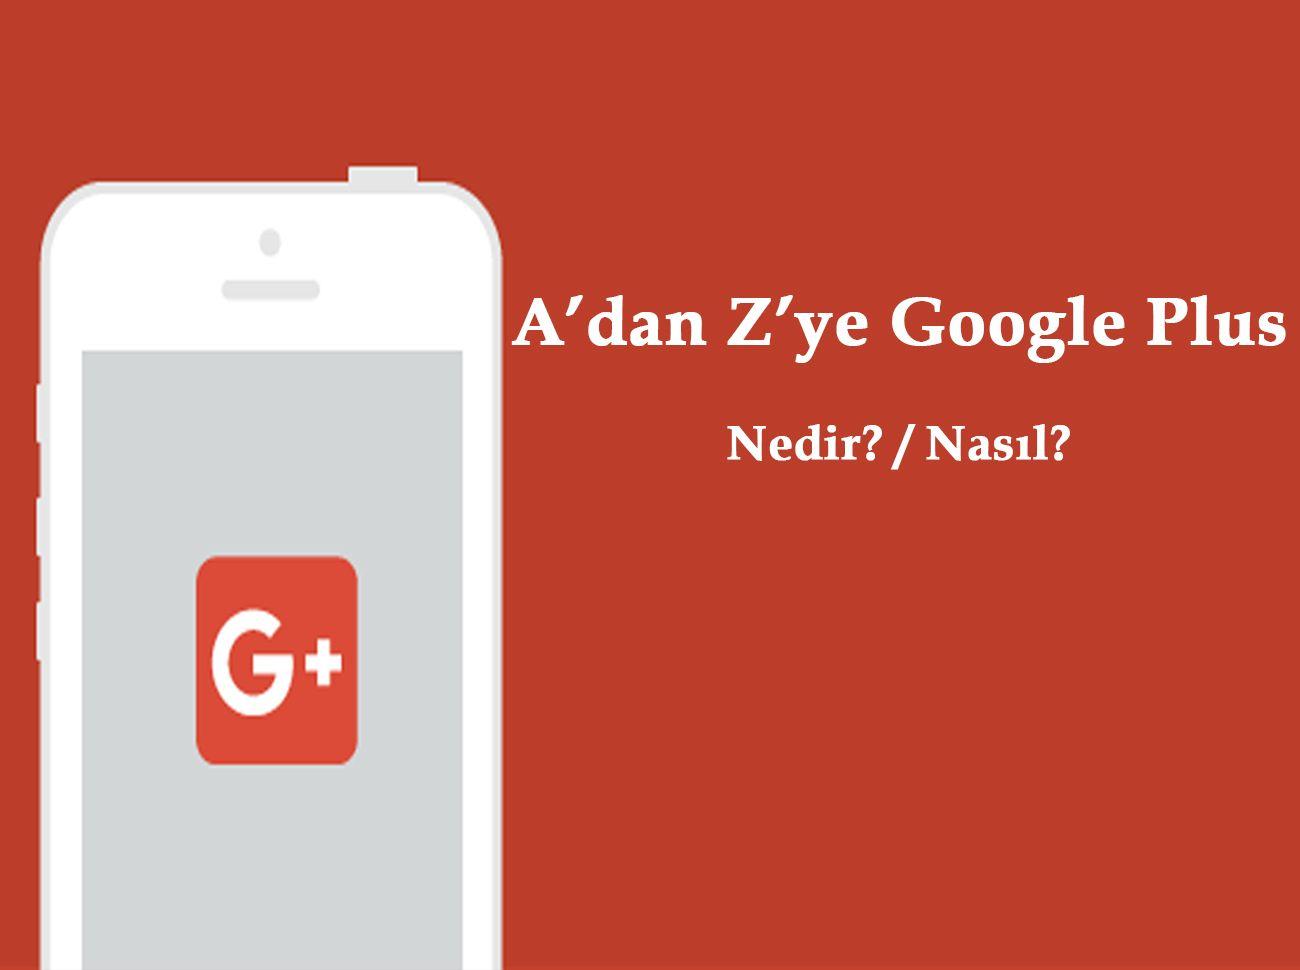 Google Plus Nedir? Nasıl Kullanılır? Niye Önemlidir?